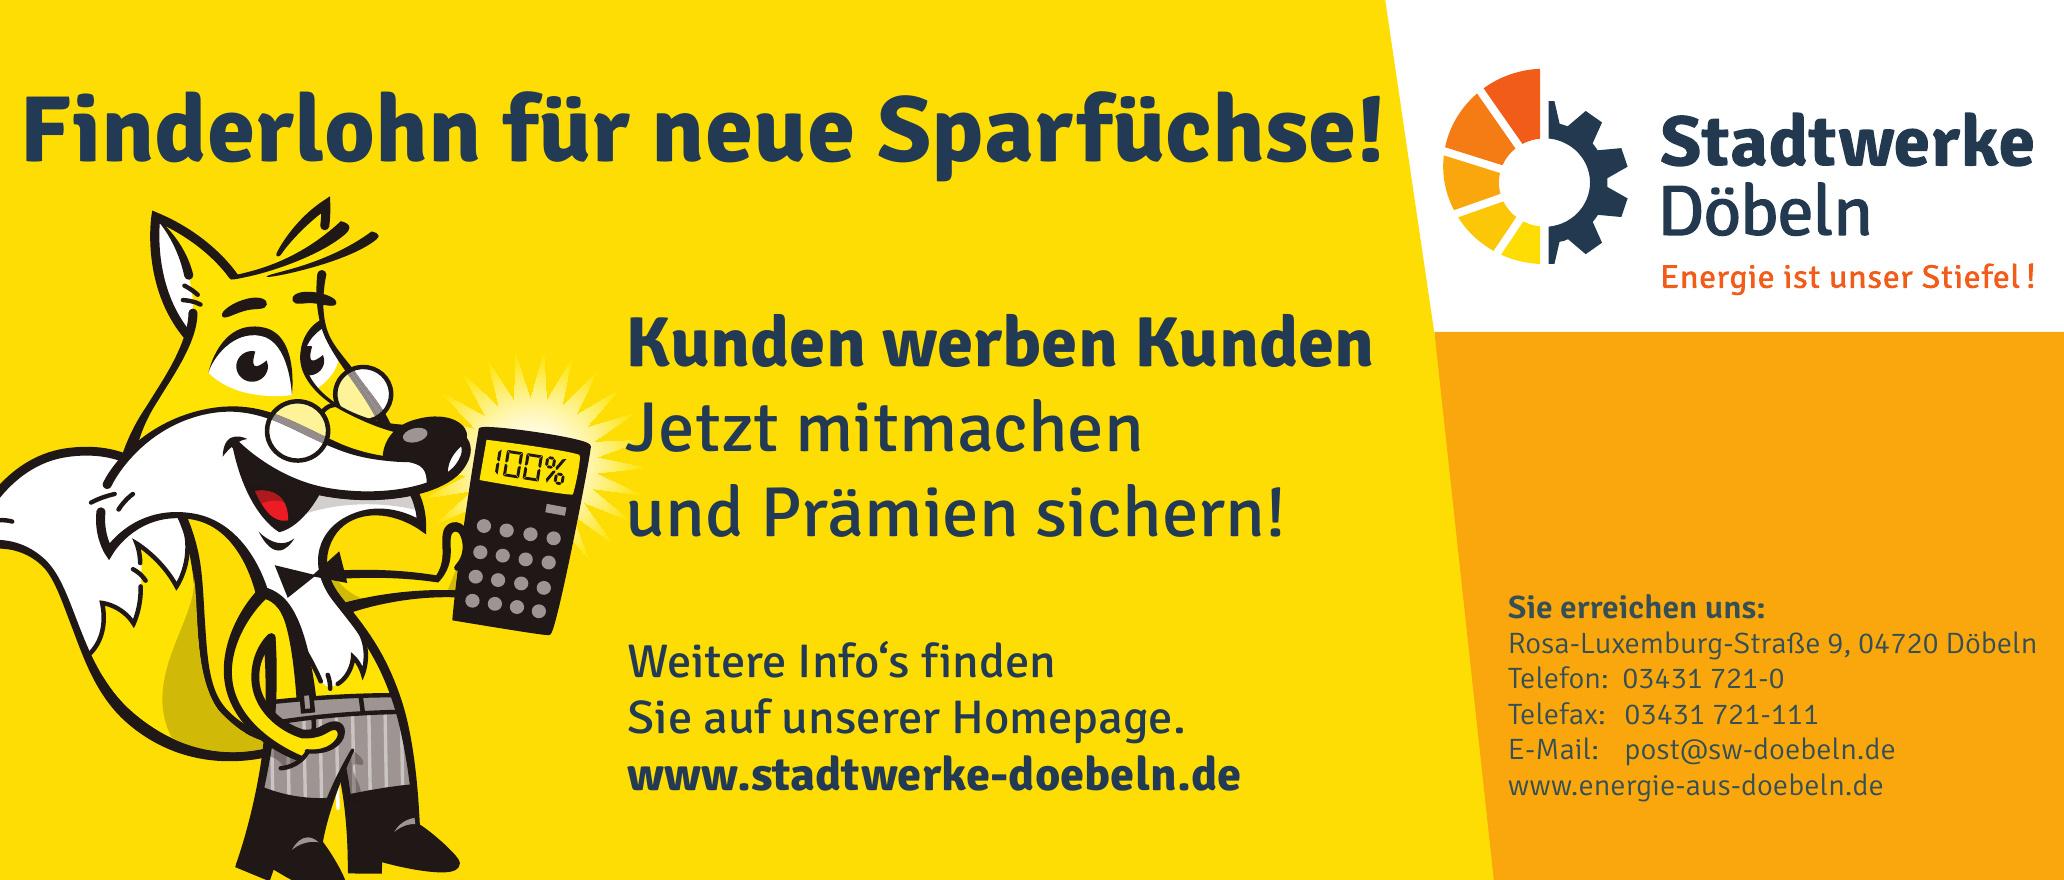 Stadtwerke Döbeln GmbH